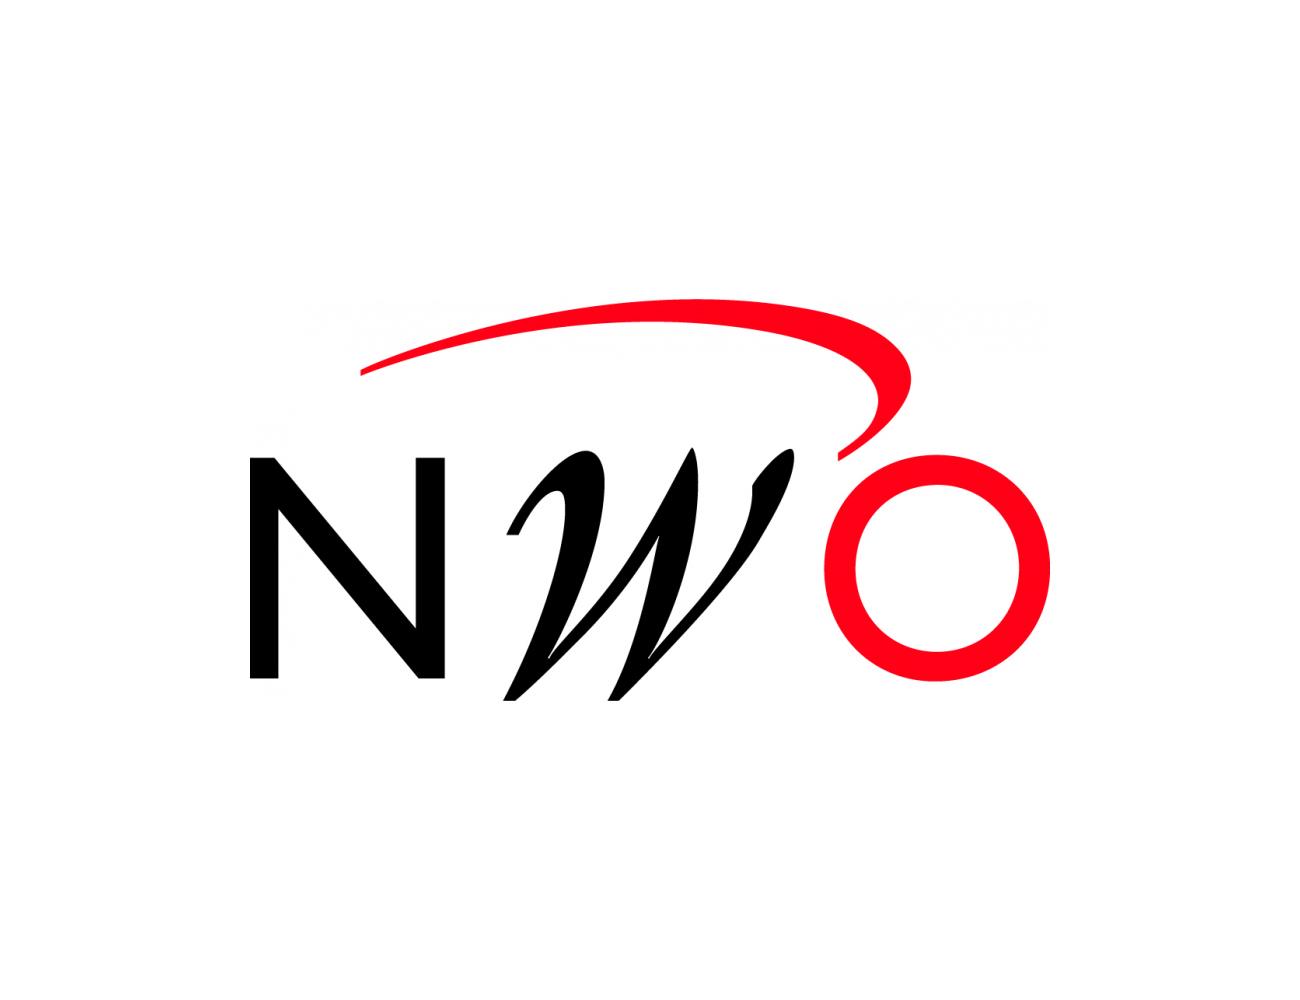 Nederlandse Organisatie voor Wetenschappelijk Onderzoek Logo